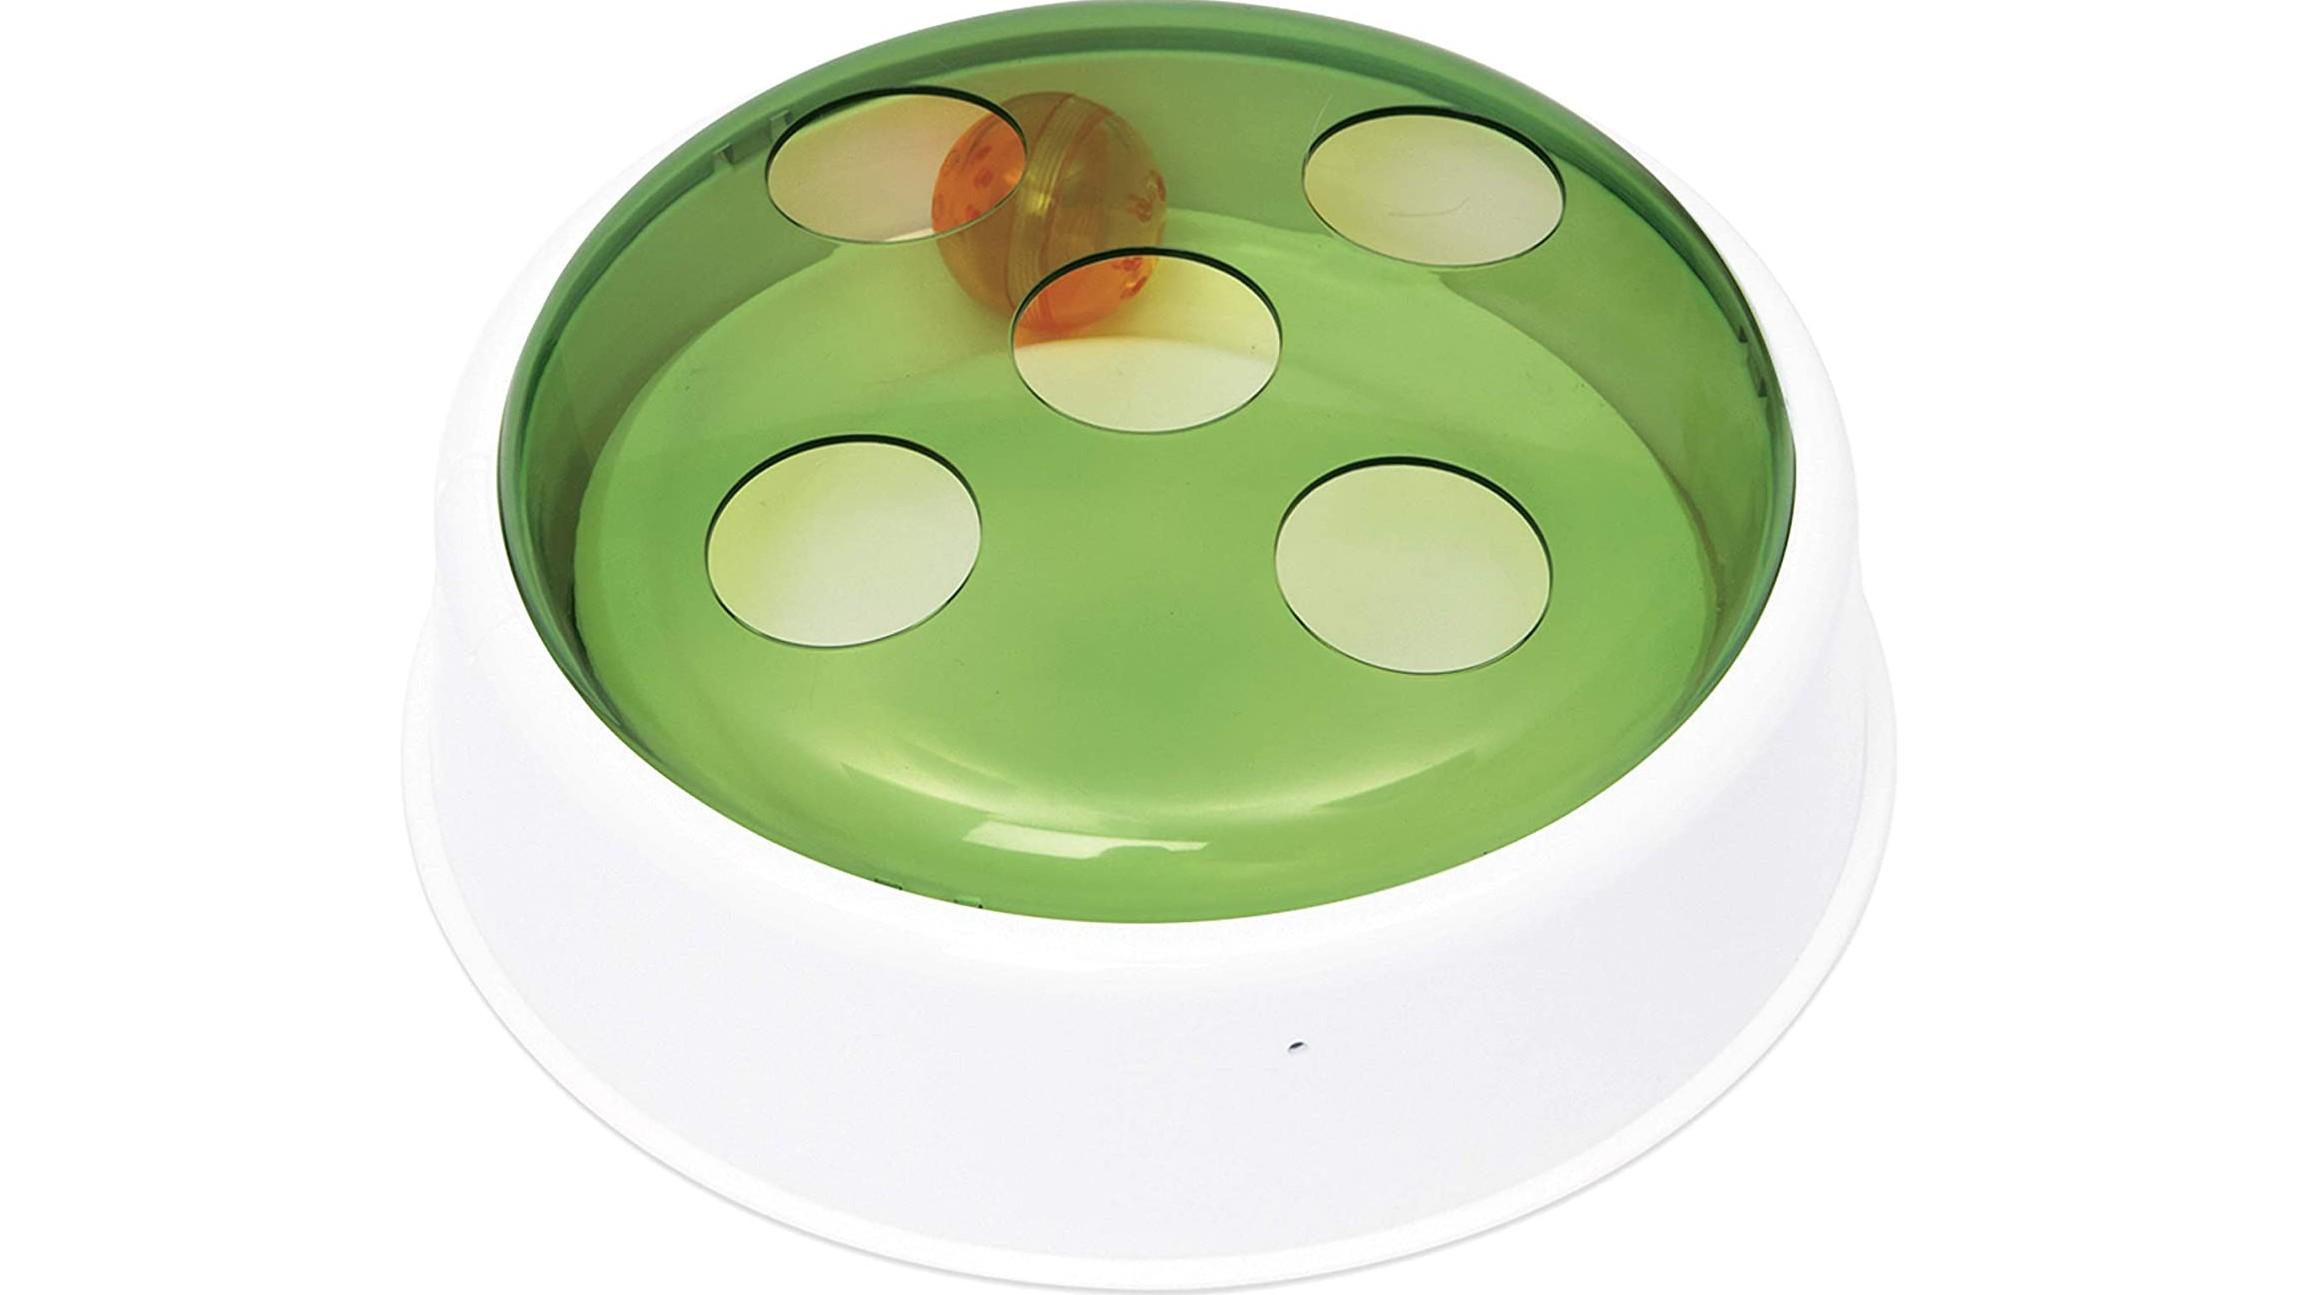 Meilleurs jouets pour chats: The Catit Senses 2.0 Ball Dome